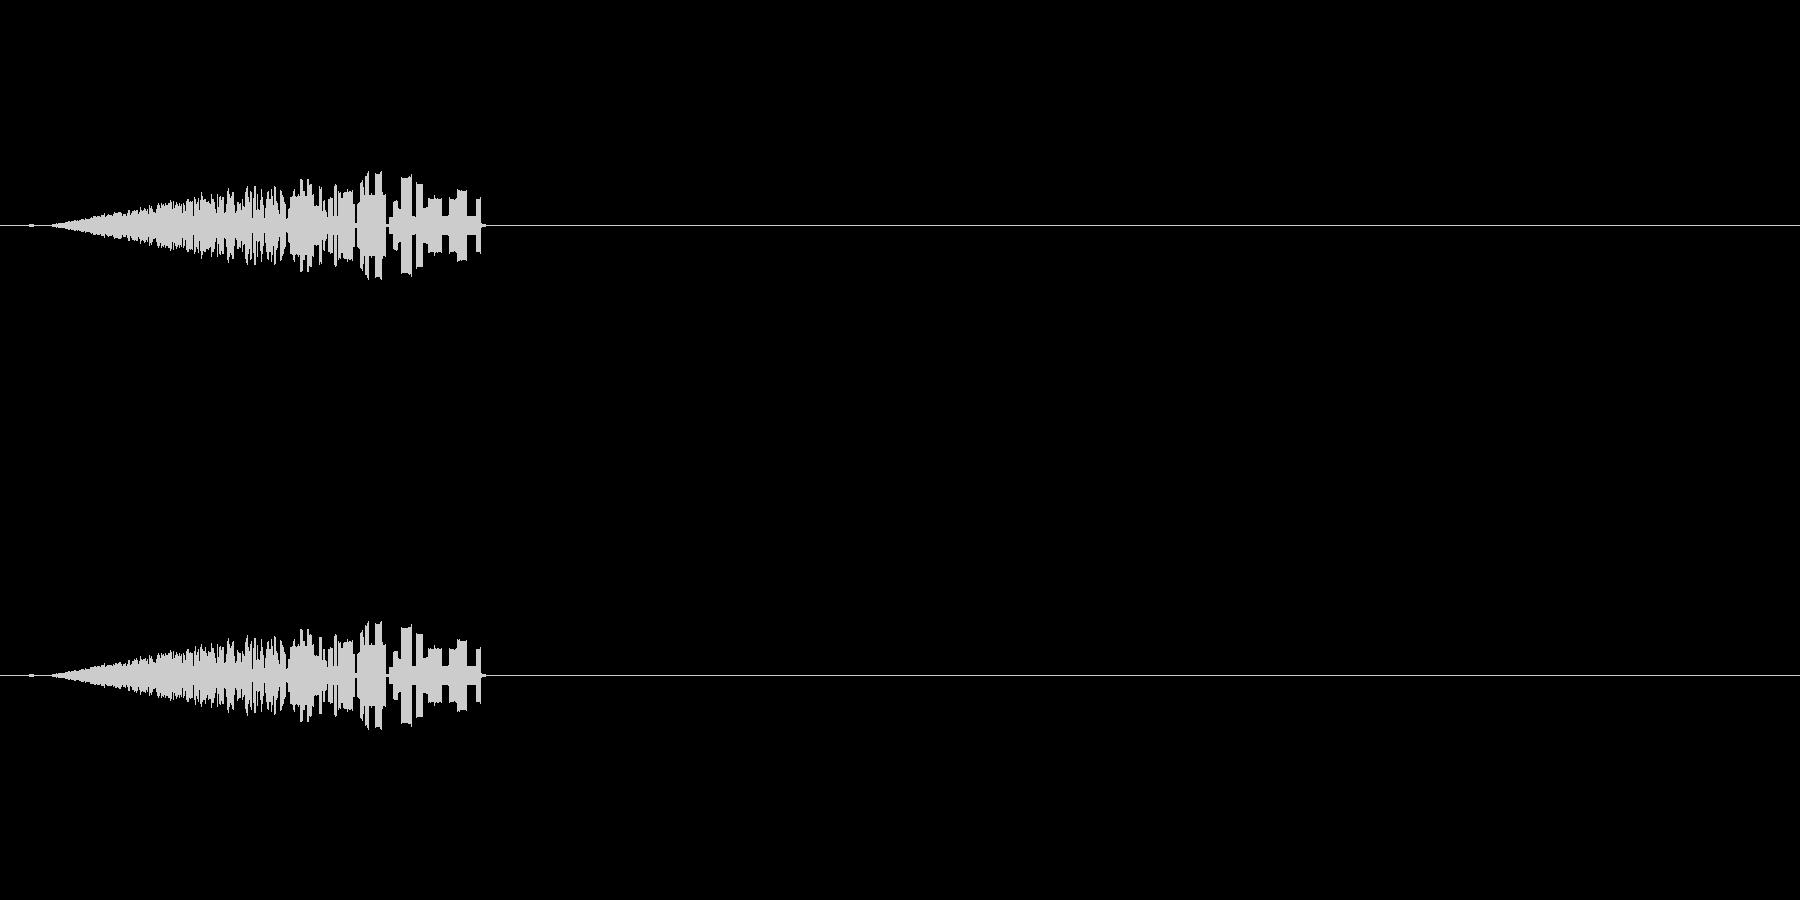 レトロな炎の効果音の未再生の波形